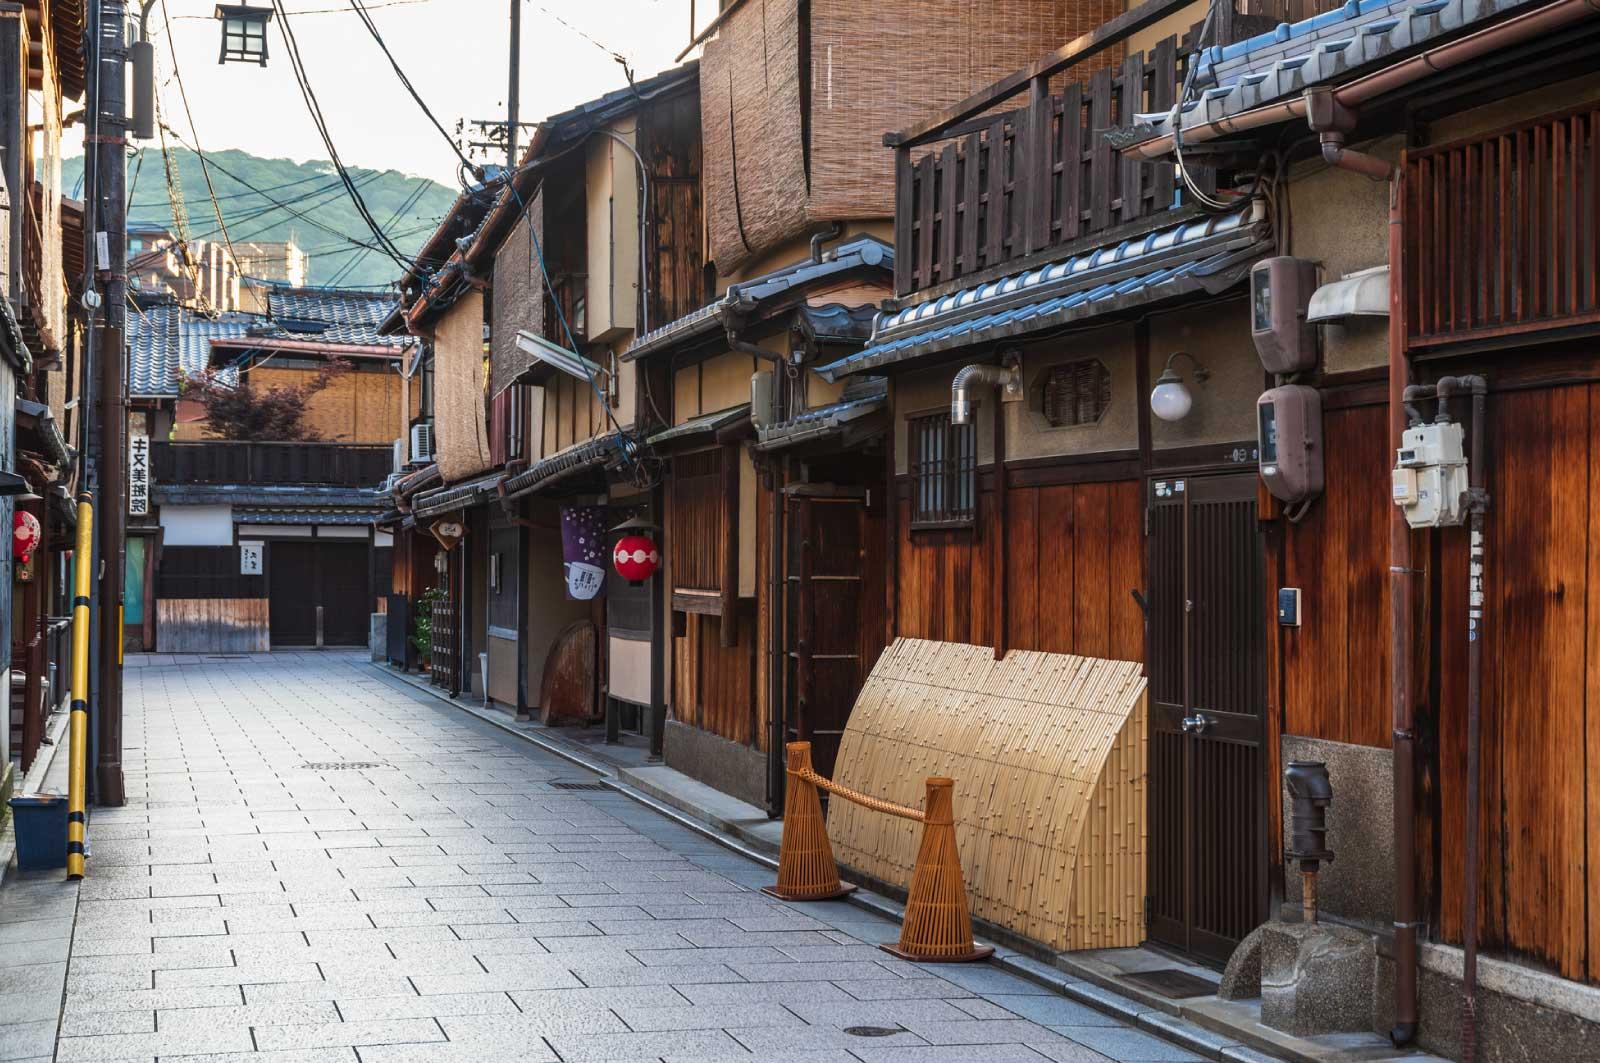 古い日本固有の街並み